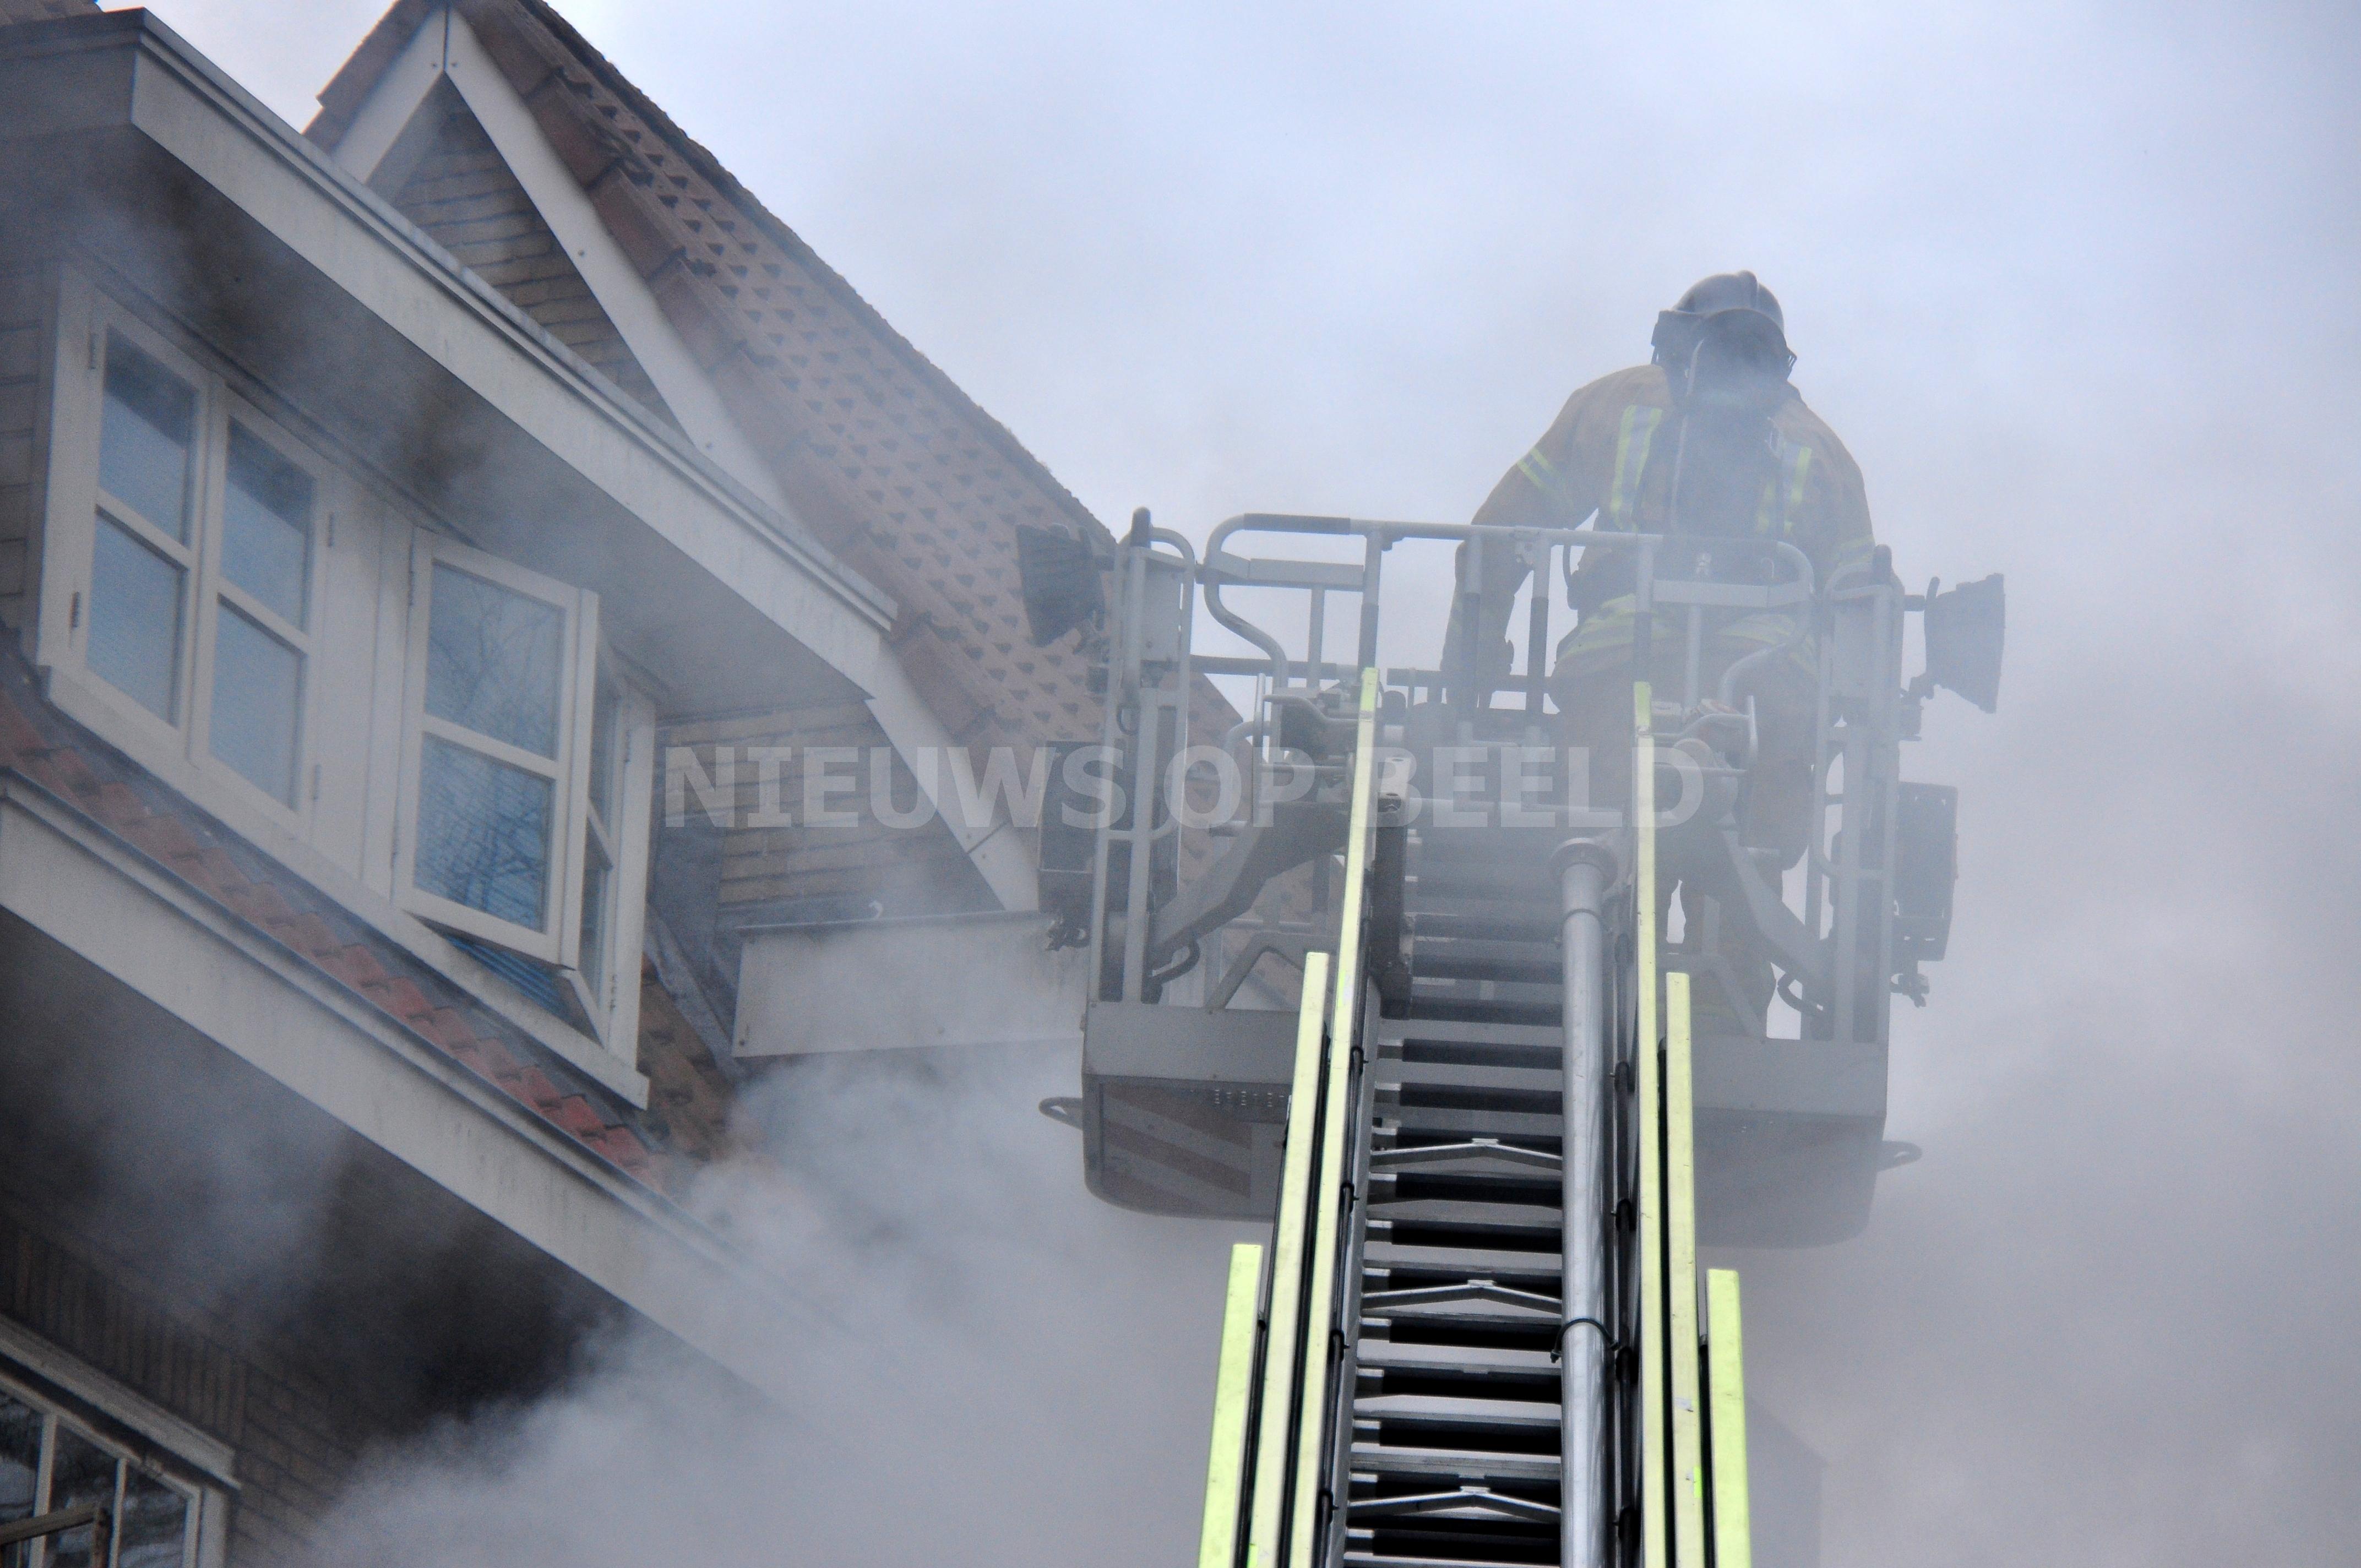 Fikse brand bij jongerencentrum Putselaan Rotterdam